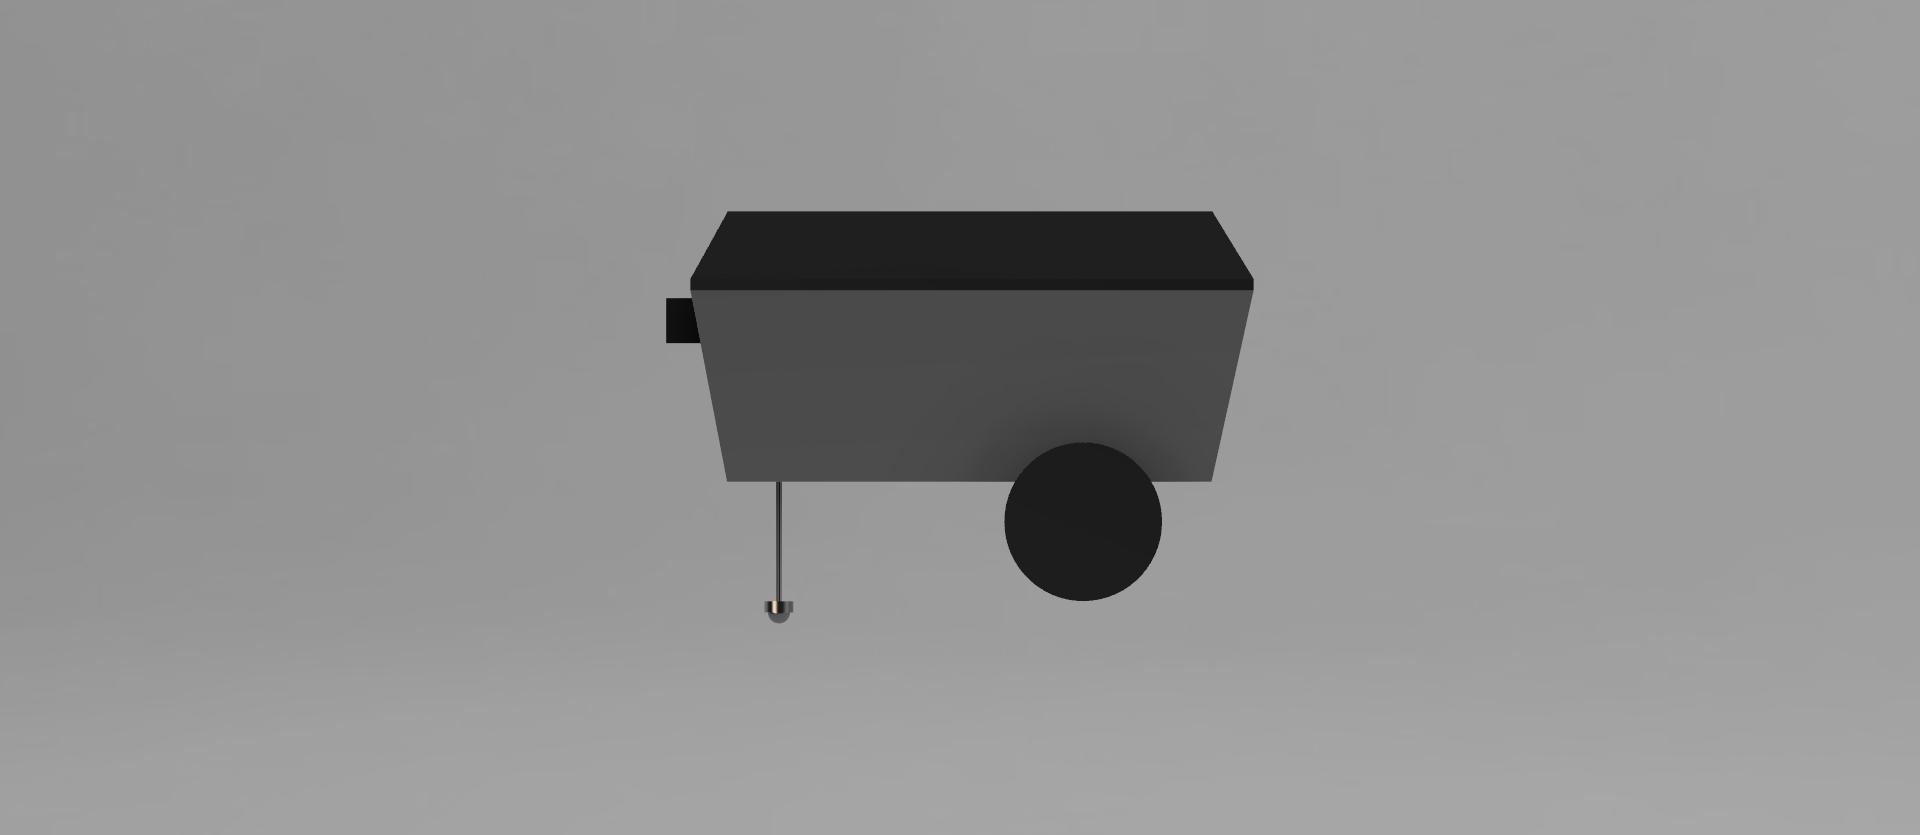 Rendered CAD Model - Side